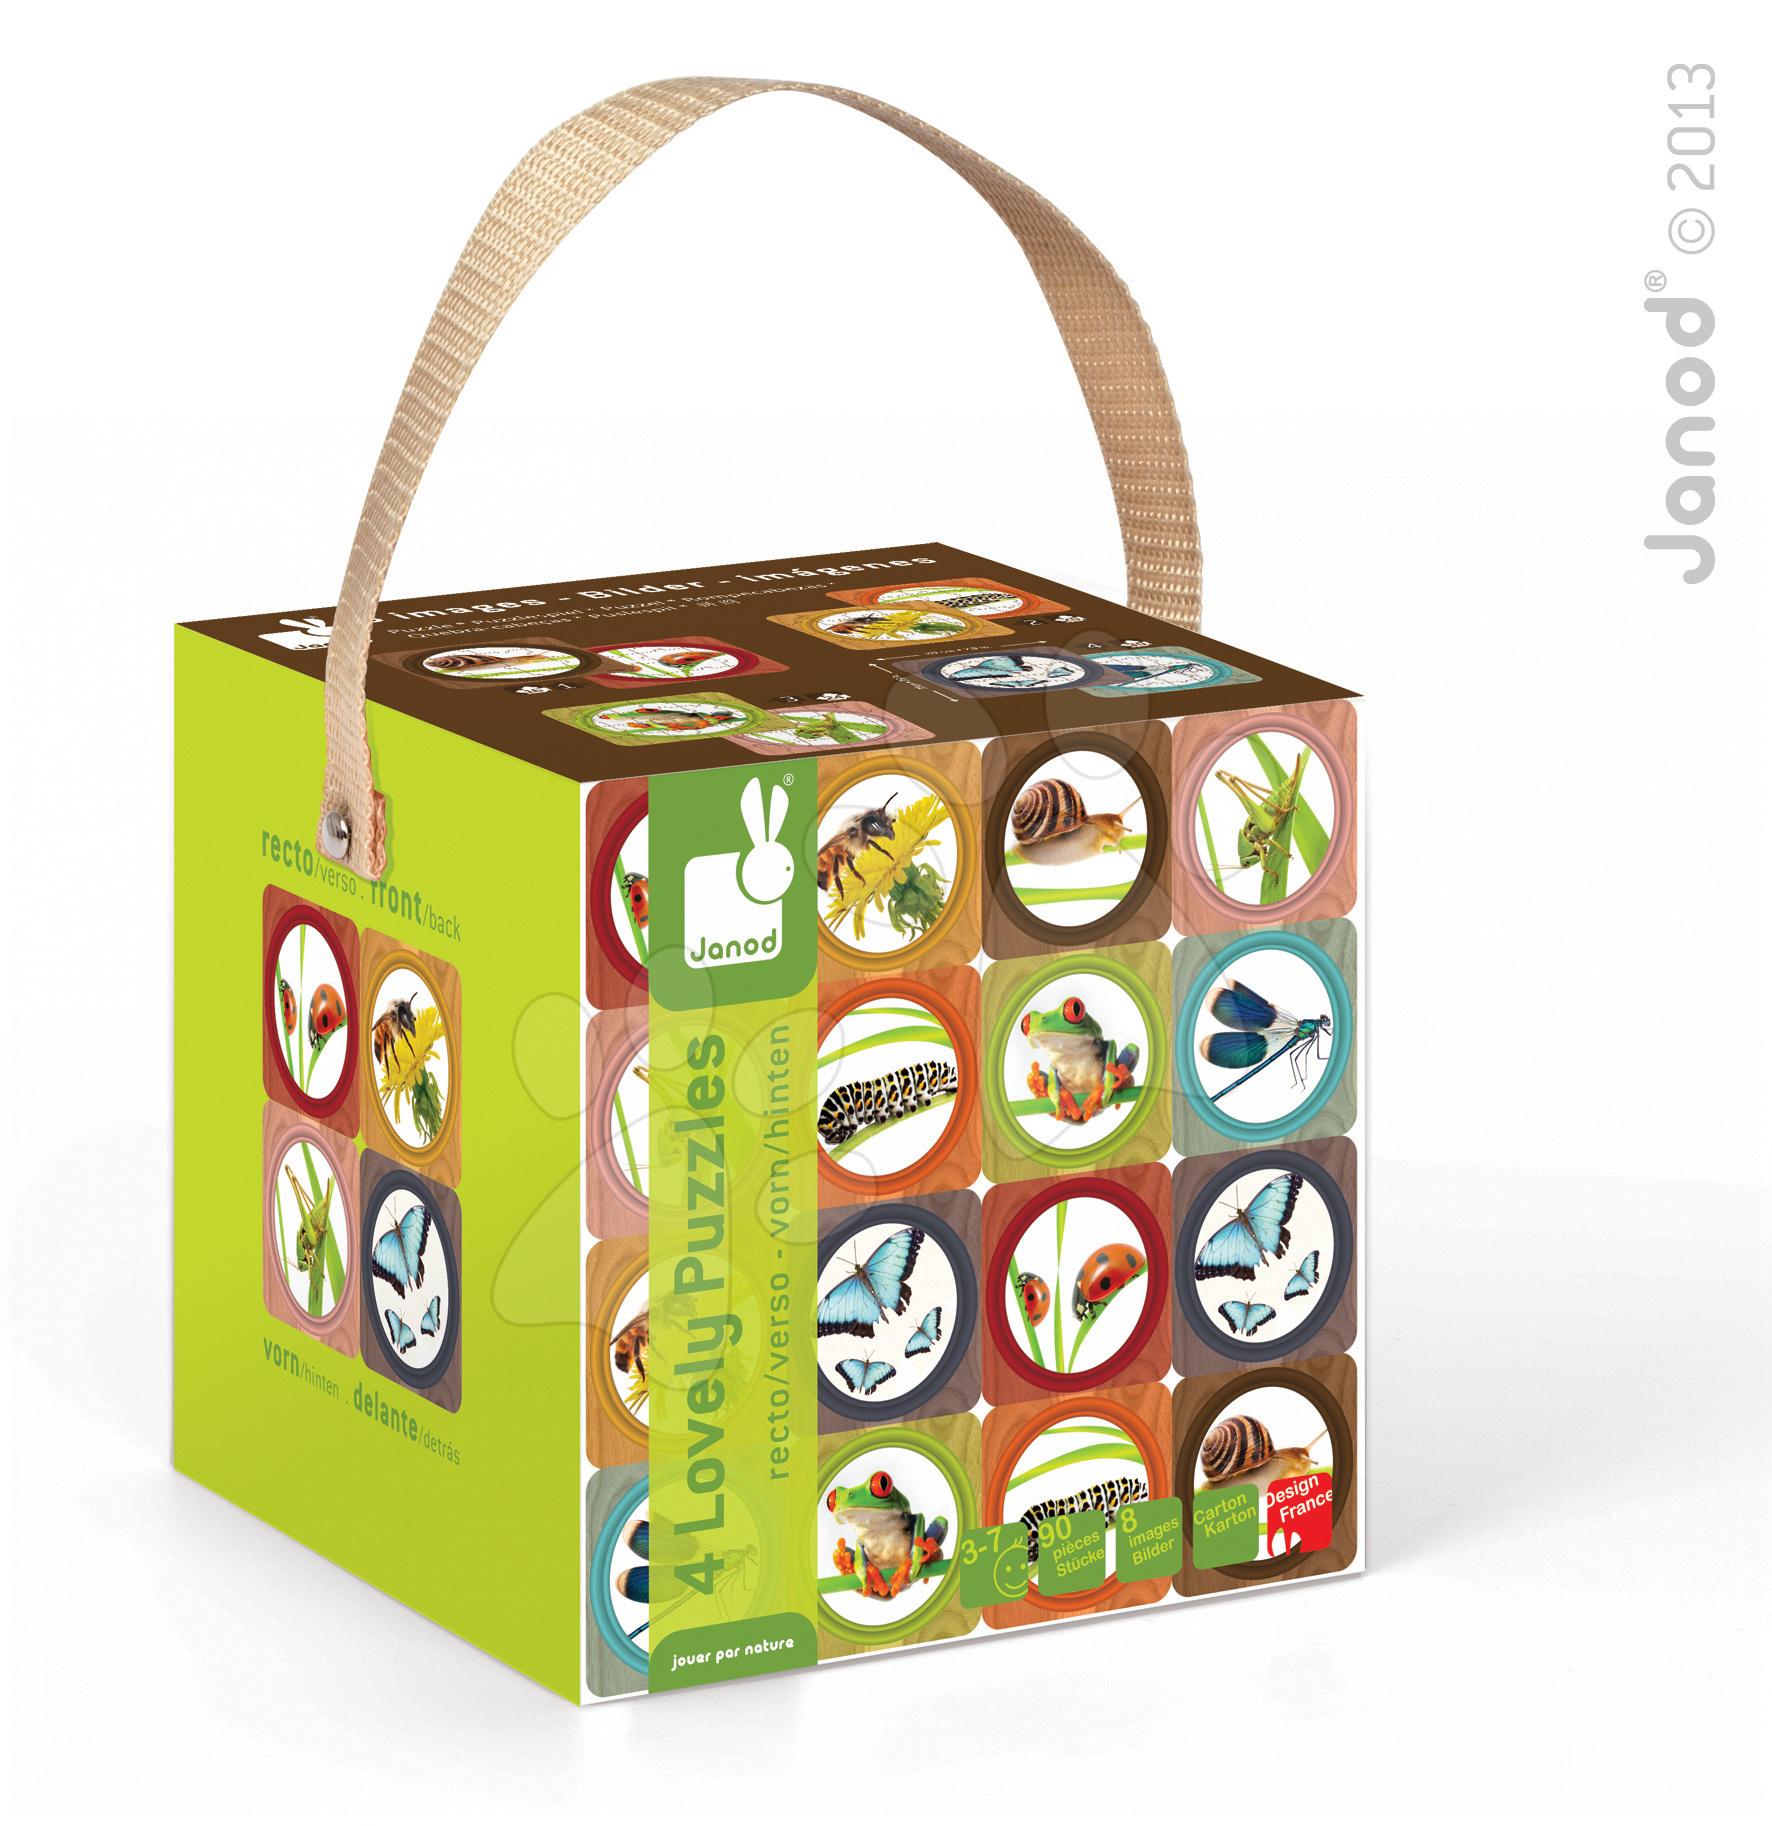 Detské puzzle do 100 dielov - Obojstranné puzzle Záhrada Janod v kufríku 16-20-24-30 dielov od 3 - 7 rokov